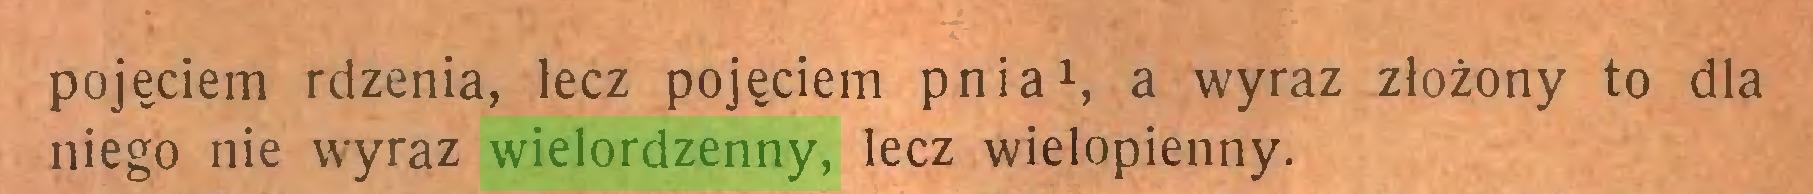 (...) pojęciem rdzenia, lecz pojęciem pnia1, a wyraz złożony to dla niego nie wyraz wielordzenny, lecz wielopienny...